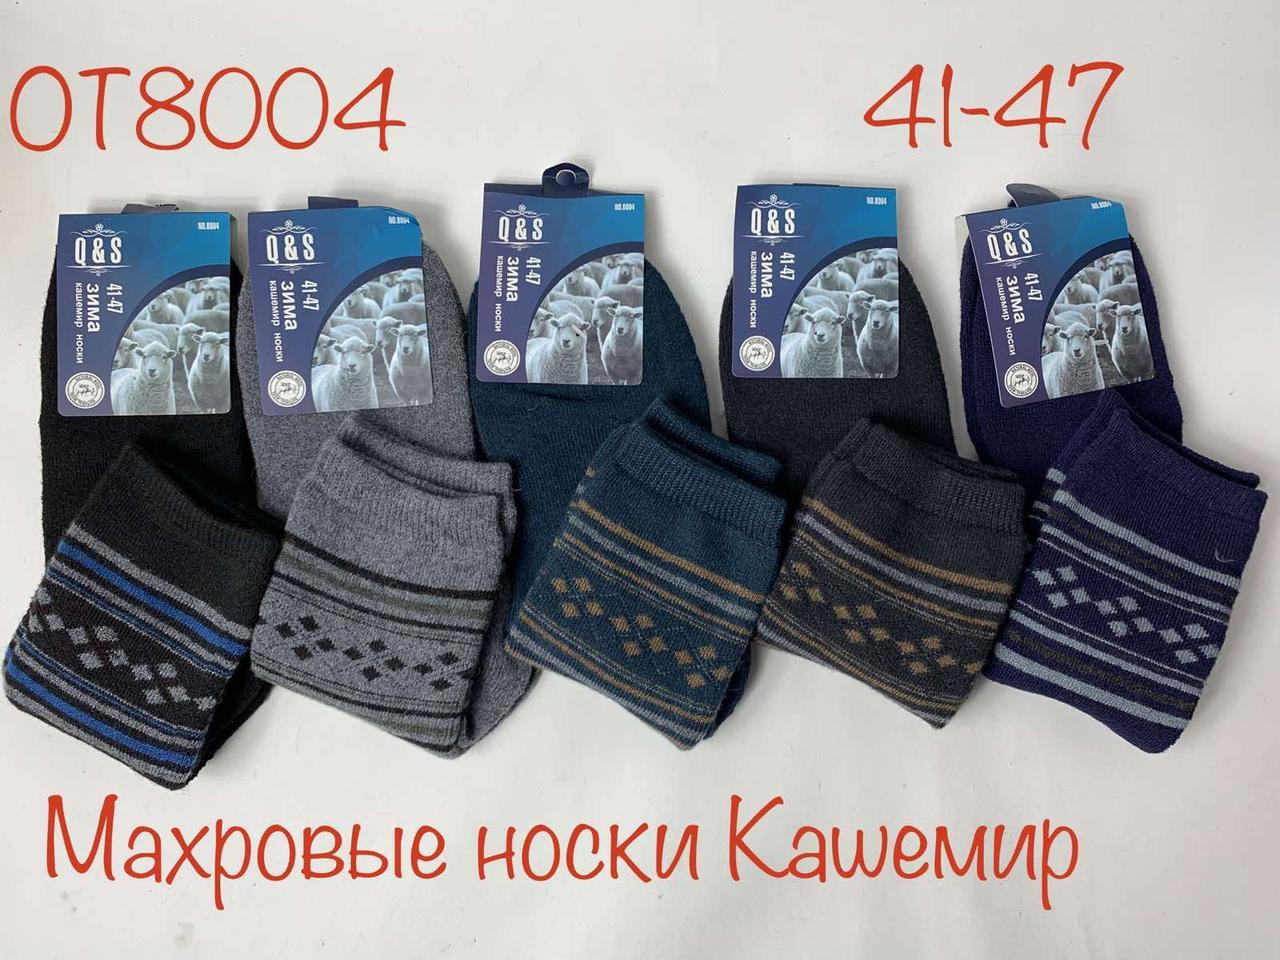 Махровые носки 41-47 КАШЕМИРОВЫЕ ЛЮКС КАЧЕСТВО